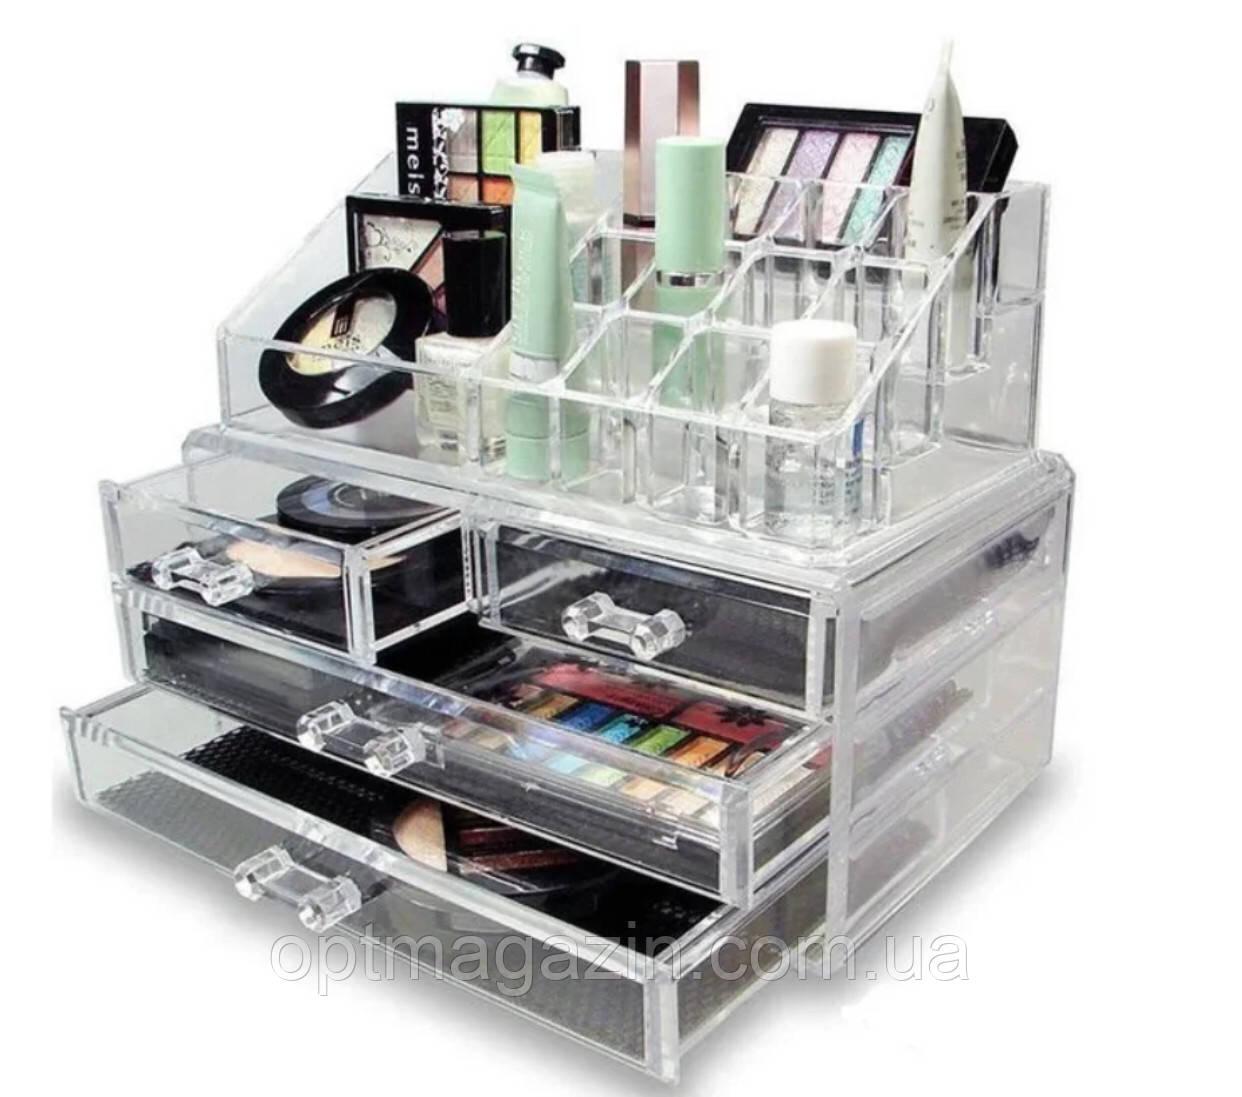 Настільний акриловий органайзер для косметики Cosmetic Storage Box   Бокс органайзер для косметики